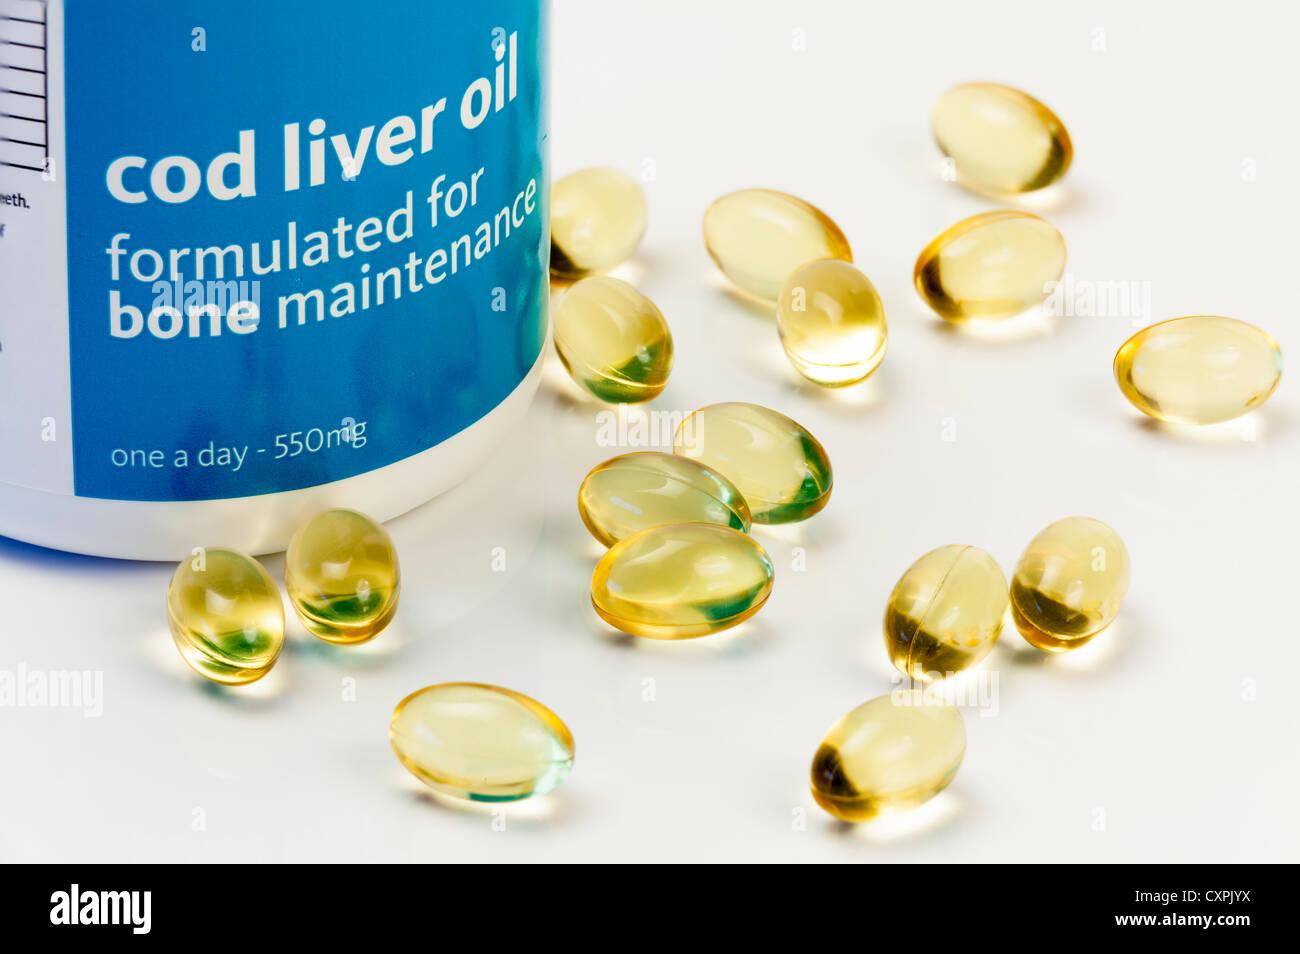 Cerrar studio aún la vida de las cápsulas de aceite de hígado de bacalao y el contenedor. Foto de stock